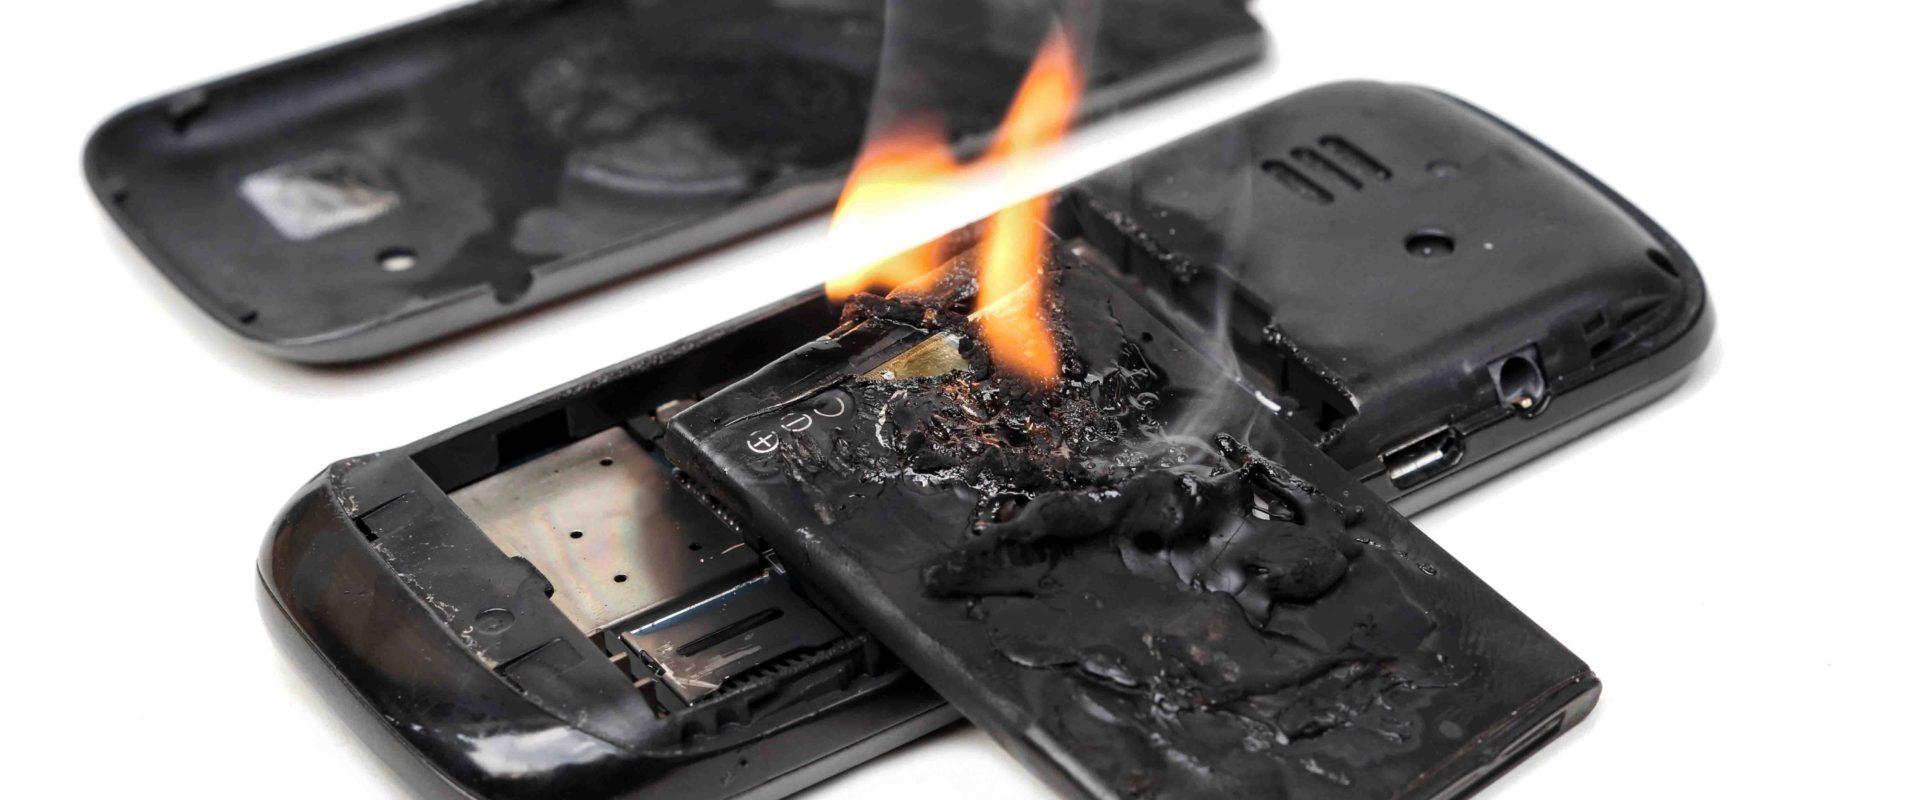 Permalink zu:Wenn das Handy in Flammen aufgeht